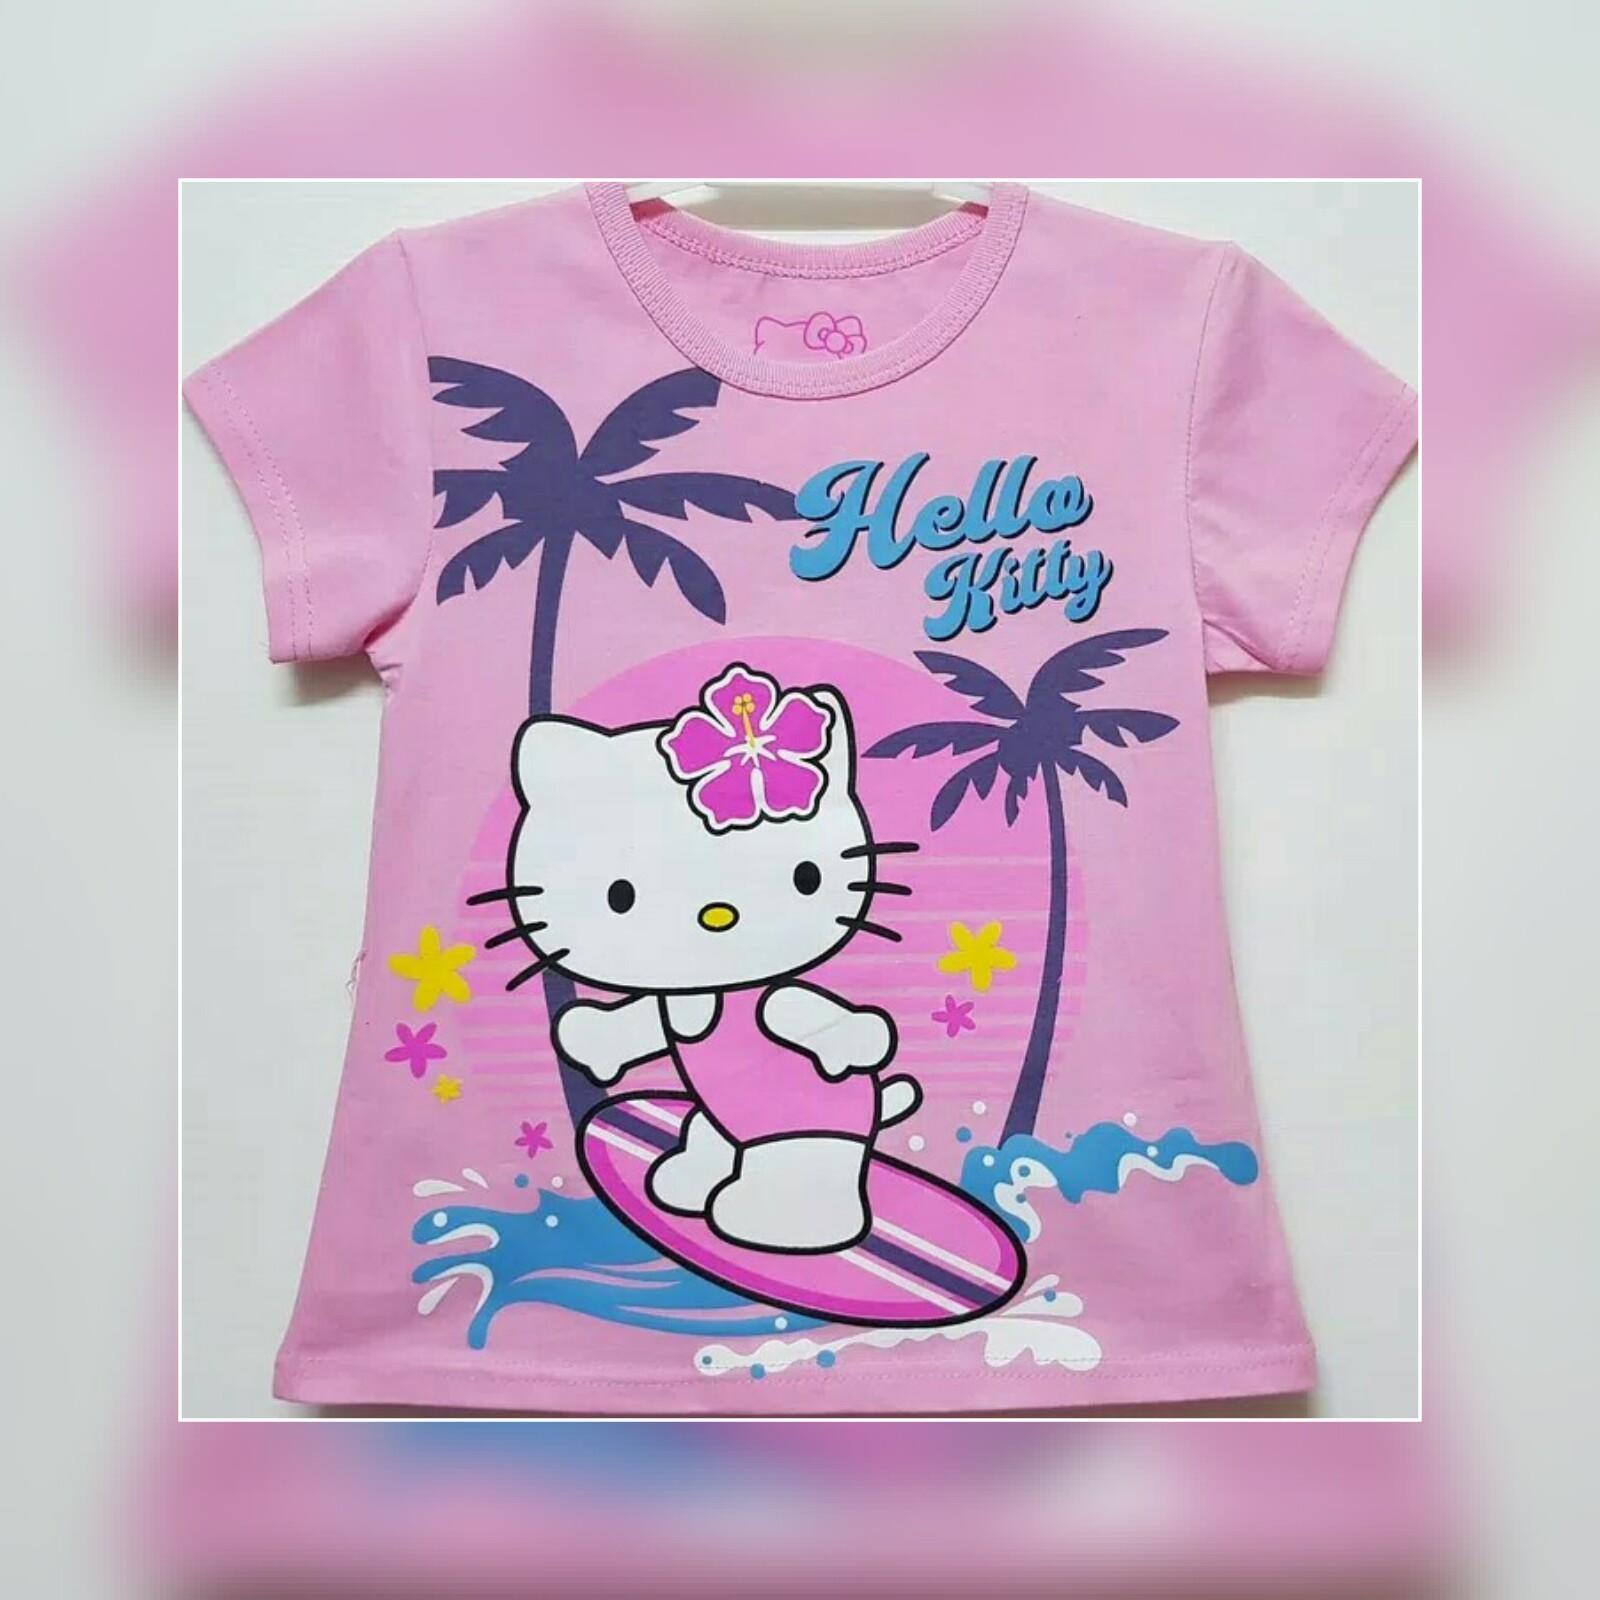 Kelebihan Kaos Anak Hello Kitty Baju Perempuan Terkini Daftar Dress Motif Cat Atasan Pink